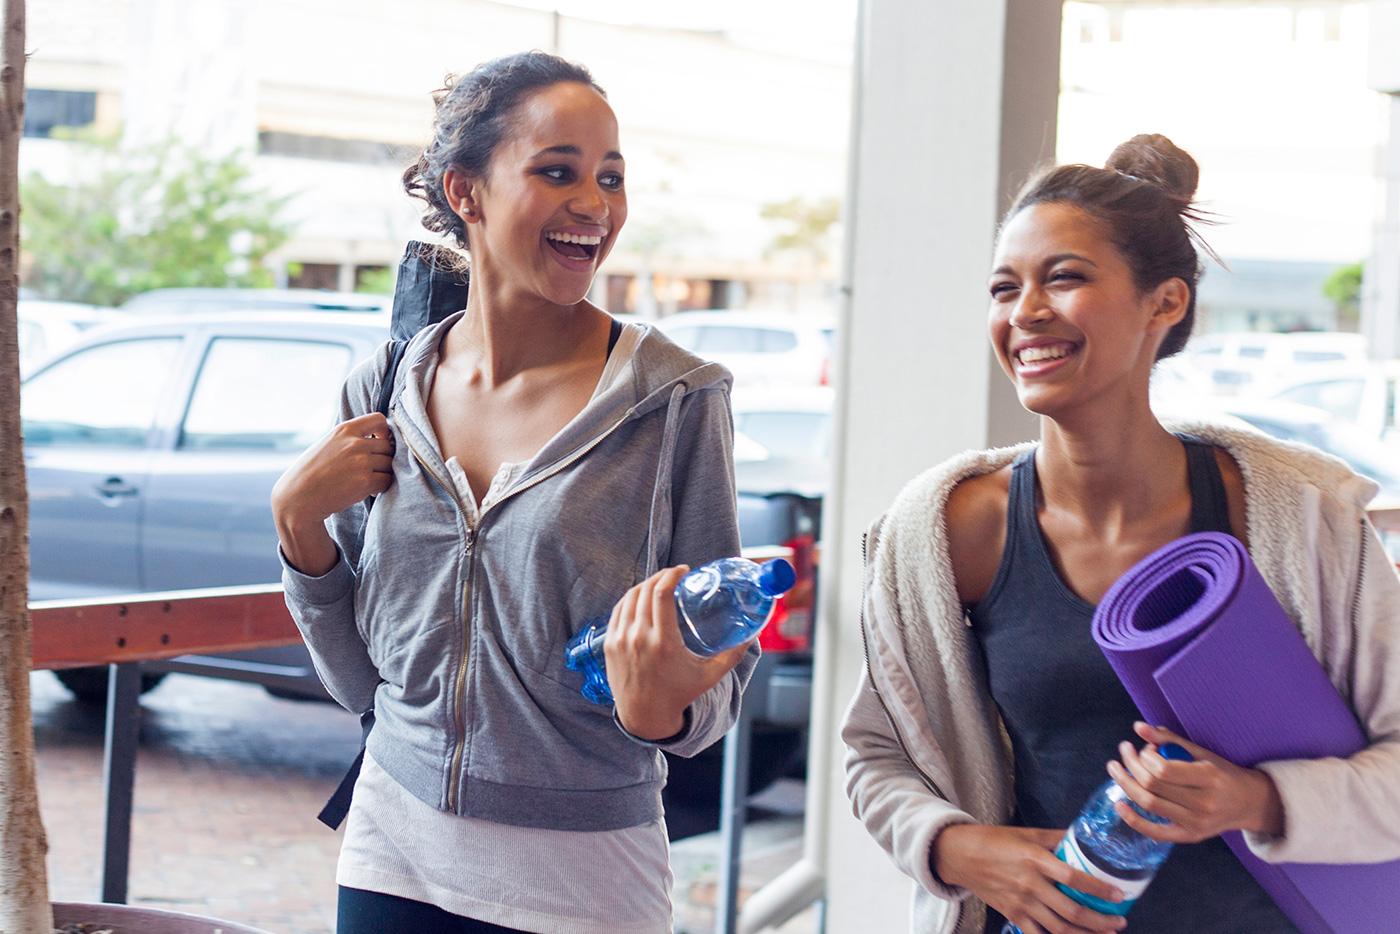 Two women walking, going to yoga class